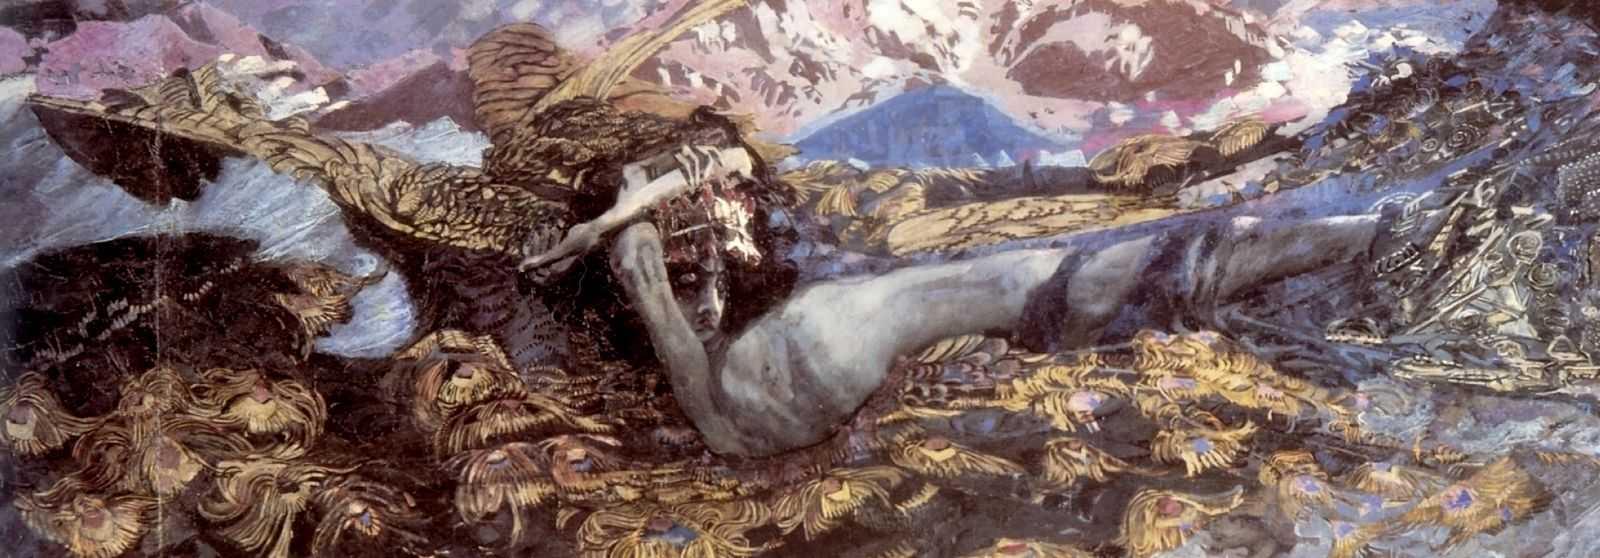 Демон поверженный — Врубель Михаил Александрович